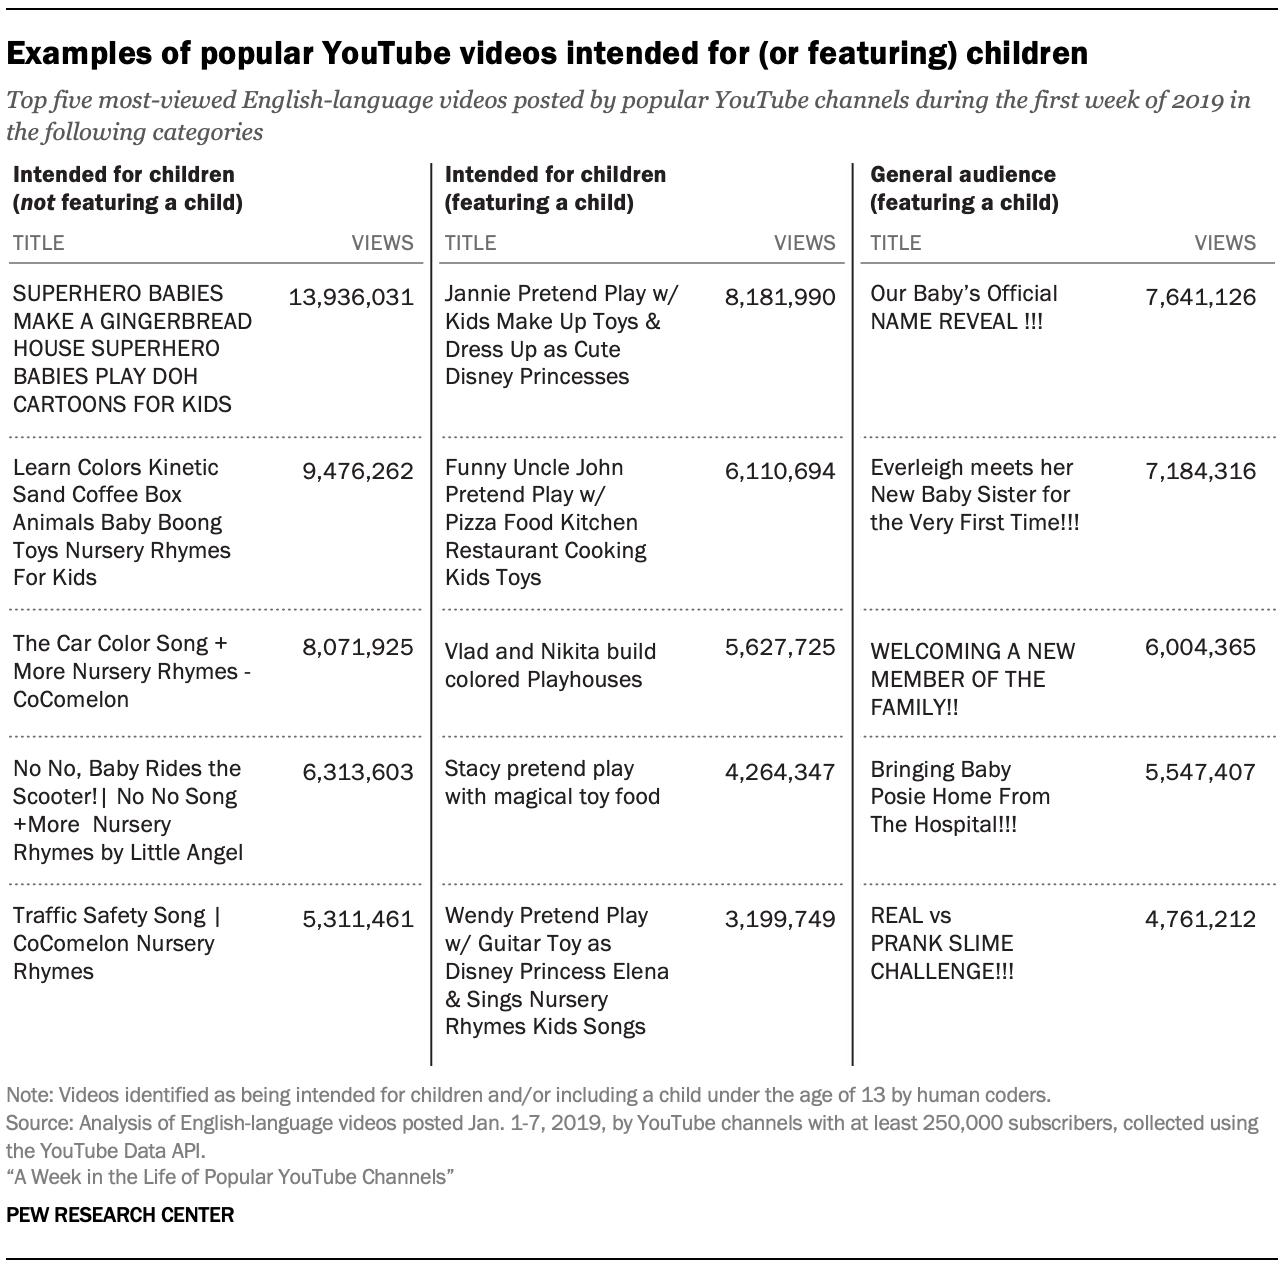 供(或推荐)儿童观看的热门YouTube视频示例